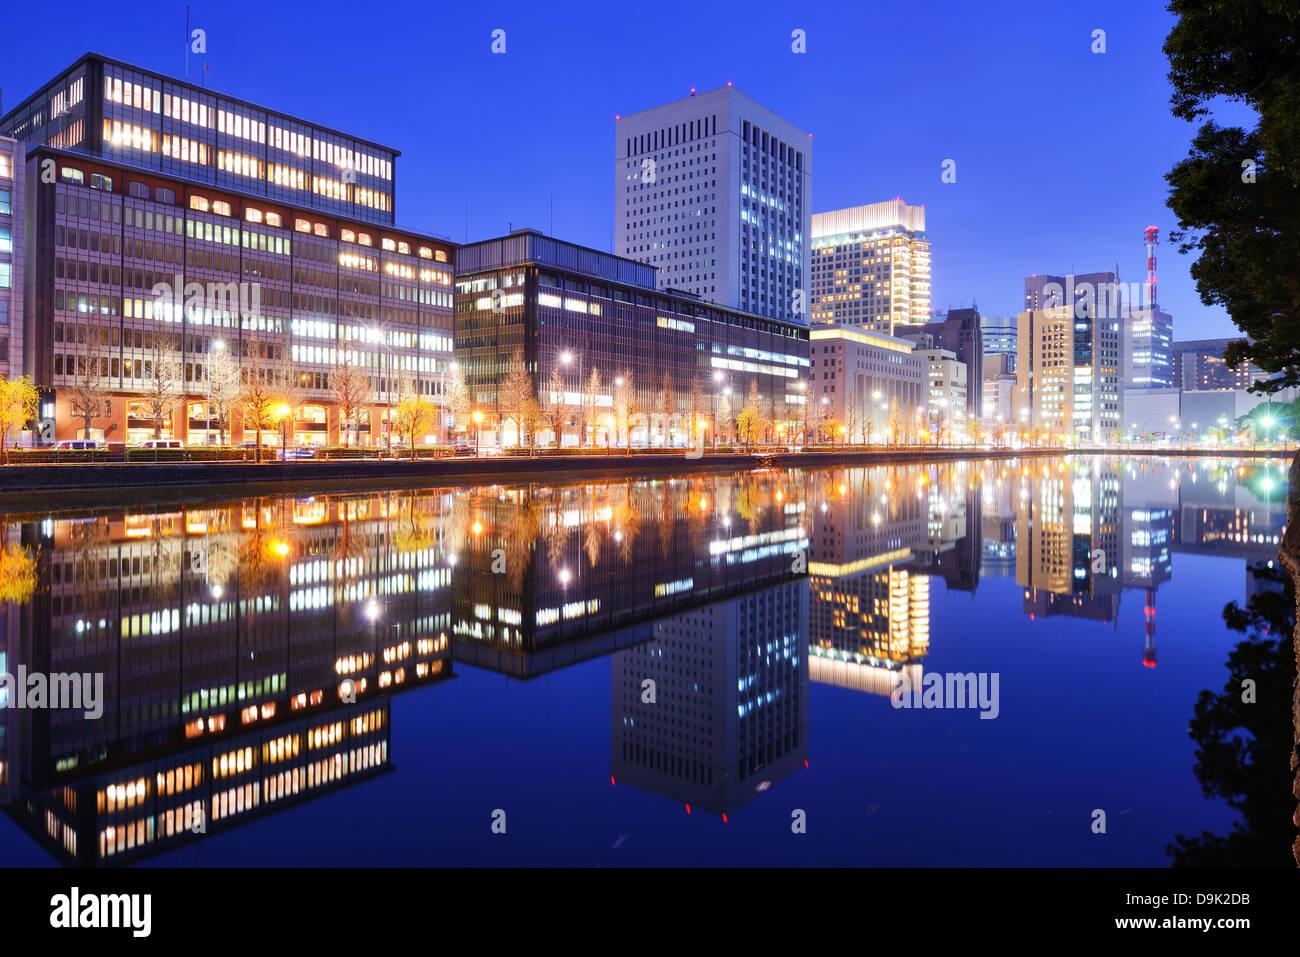 Centro de negocios Marunouchi en Tokio, Japón. Imagen De Stock